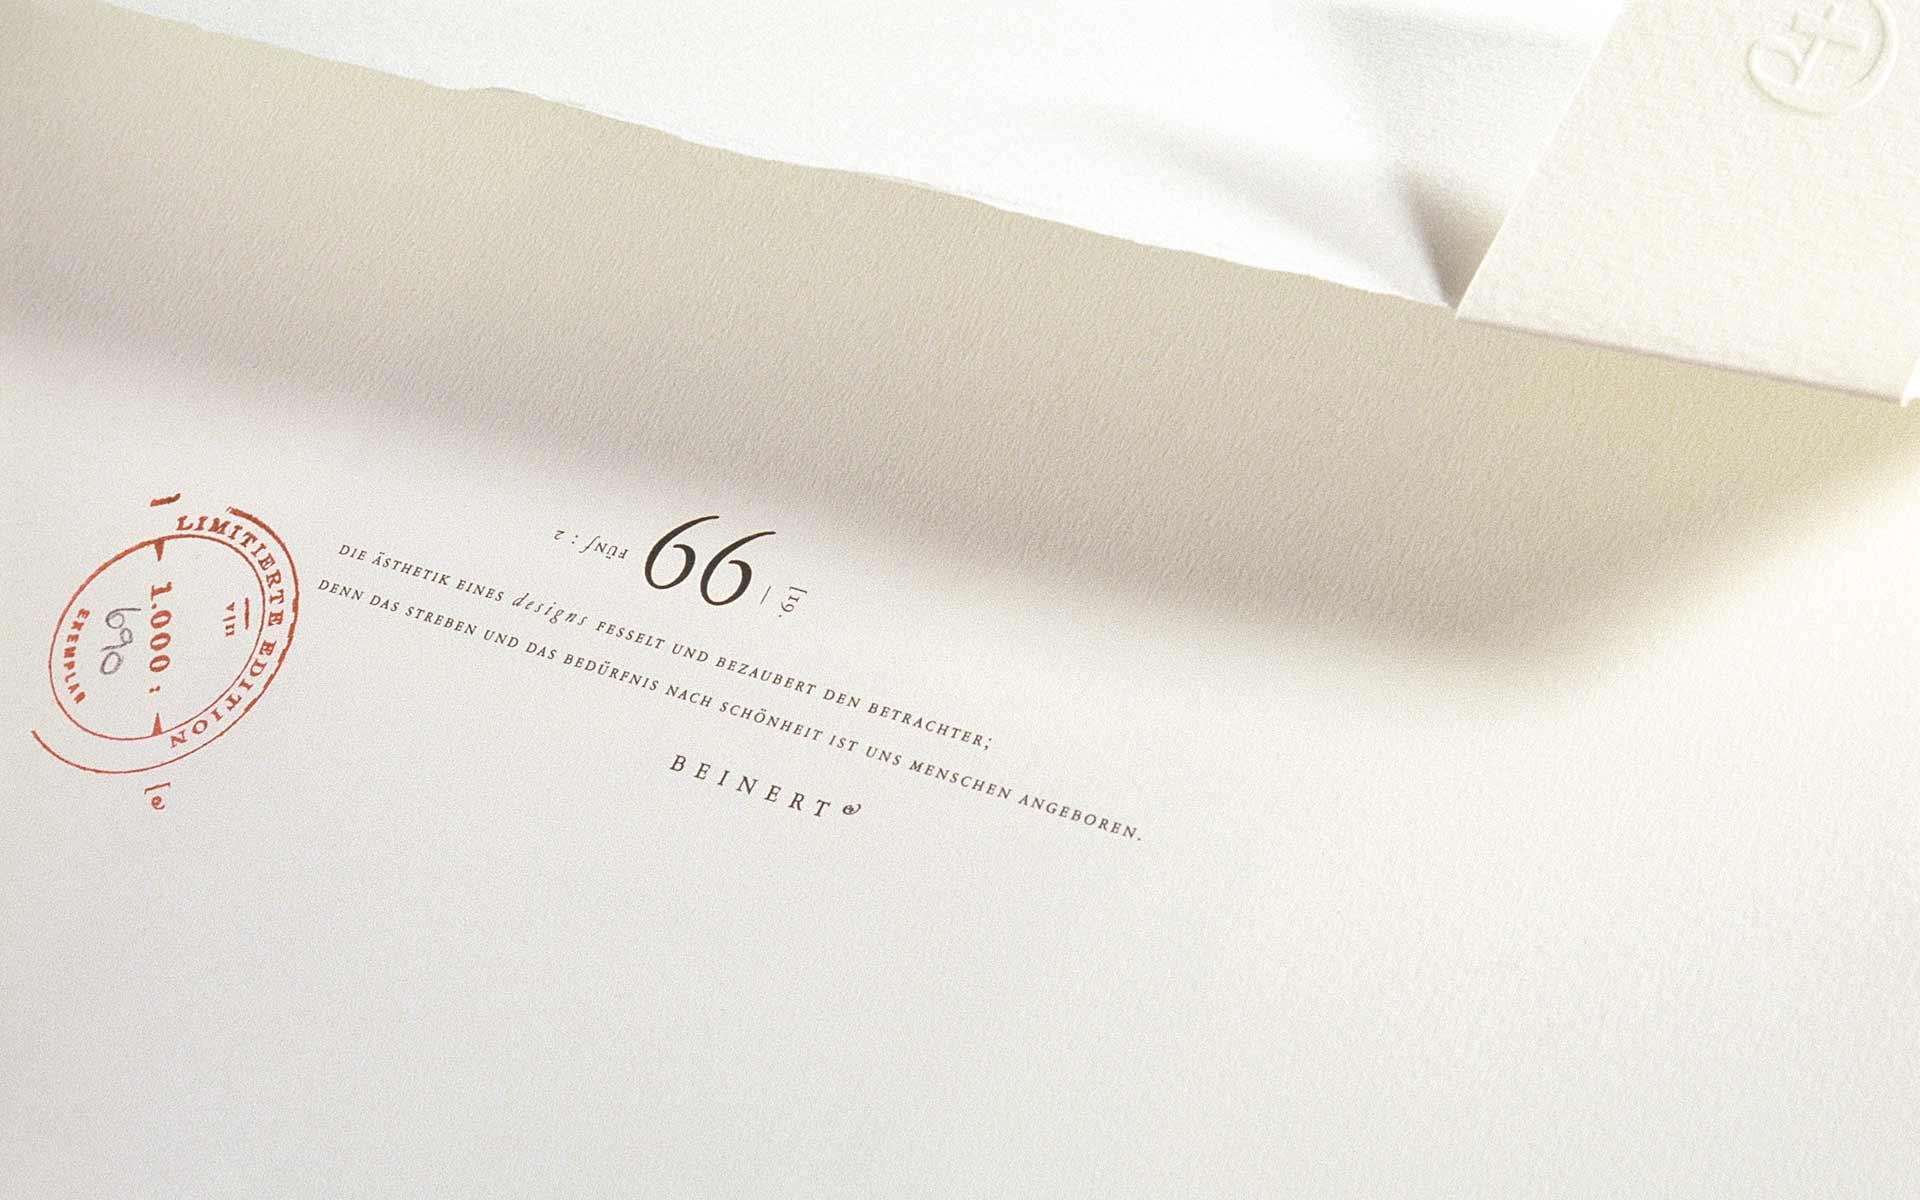 Atelier Beinert | Portfolio : 5 Arbeitsproben Vol. 2, erste Innenseite mit einem Aphorismus von Wolfgang Beinert.